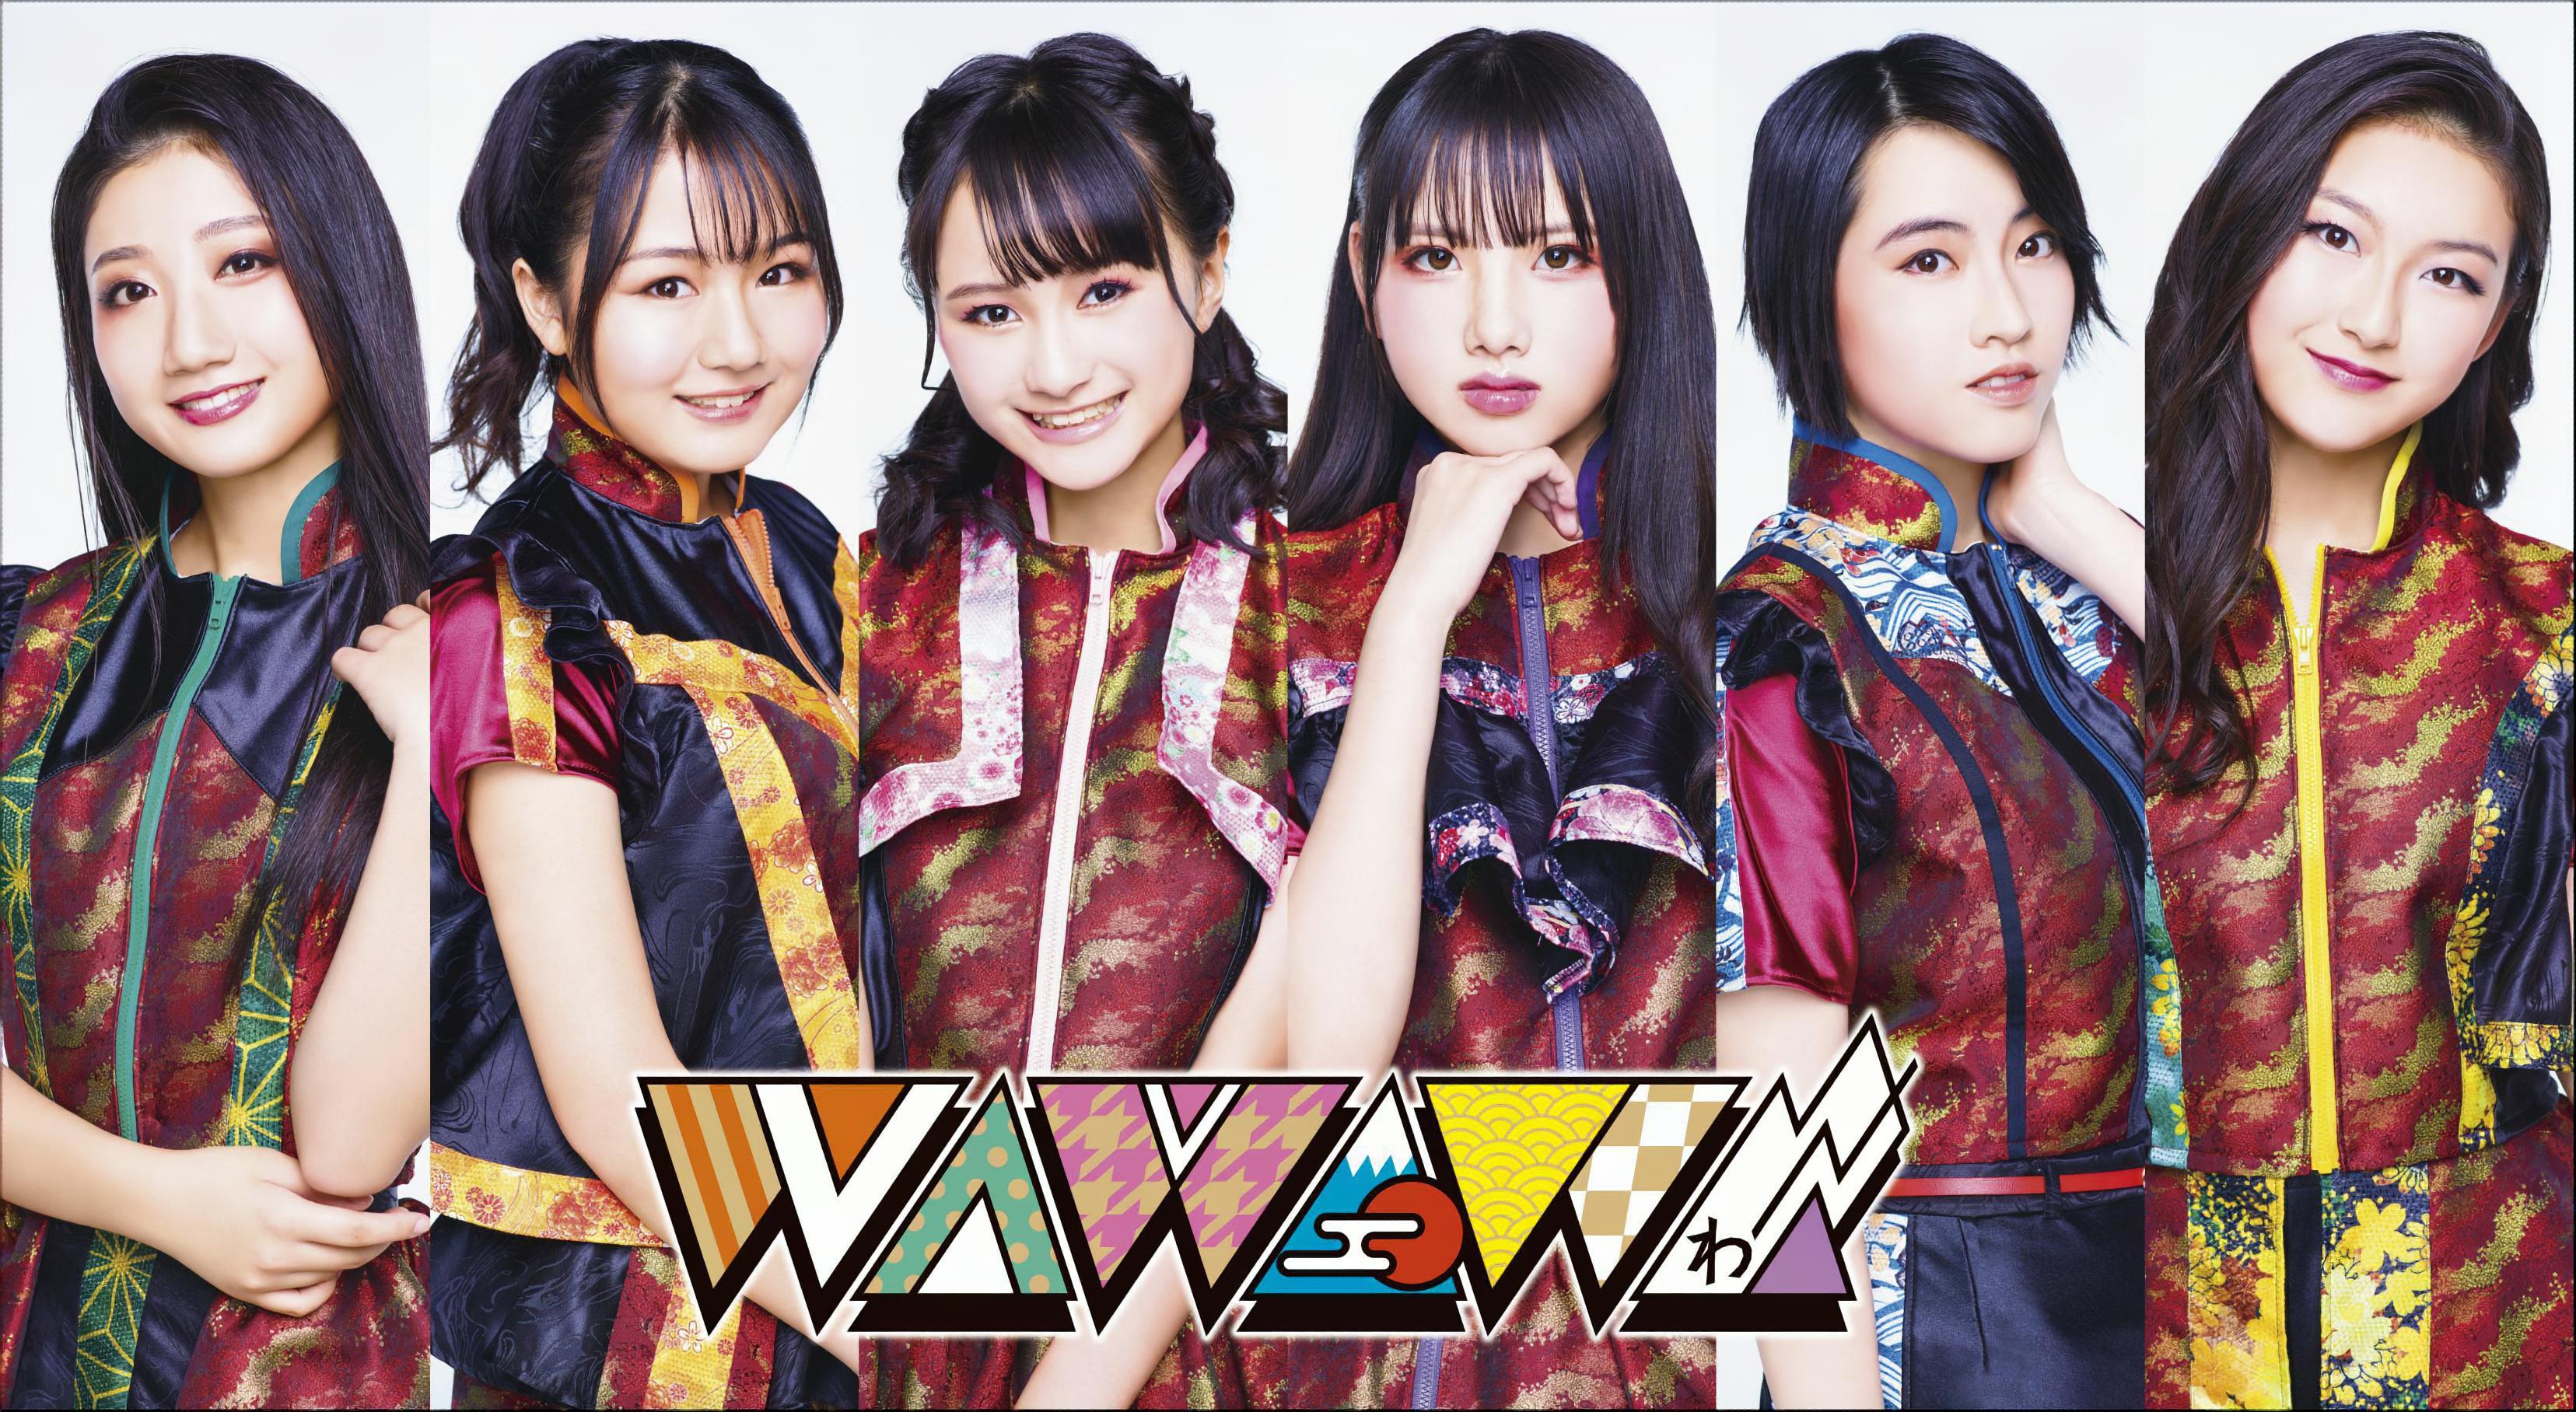 WAWAWAオンライン特典会 第2弾